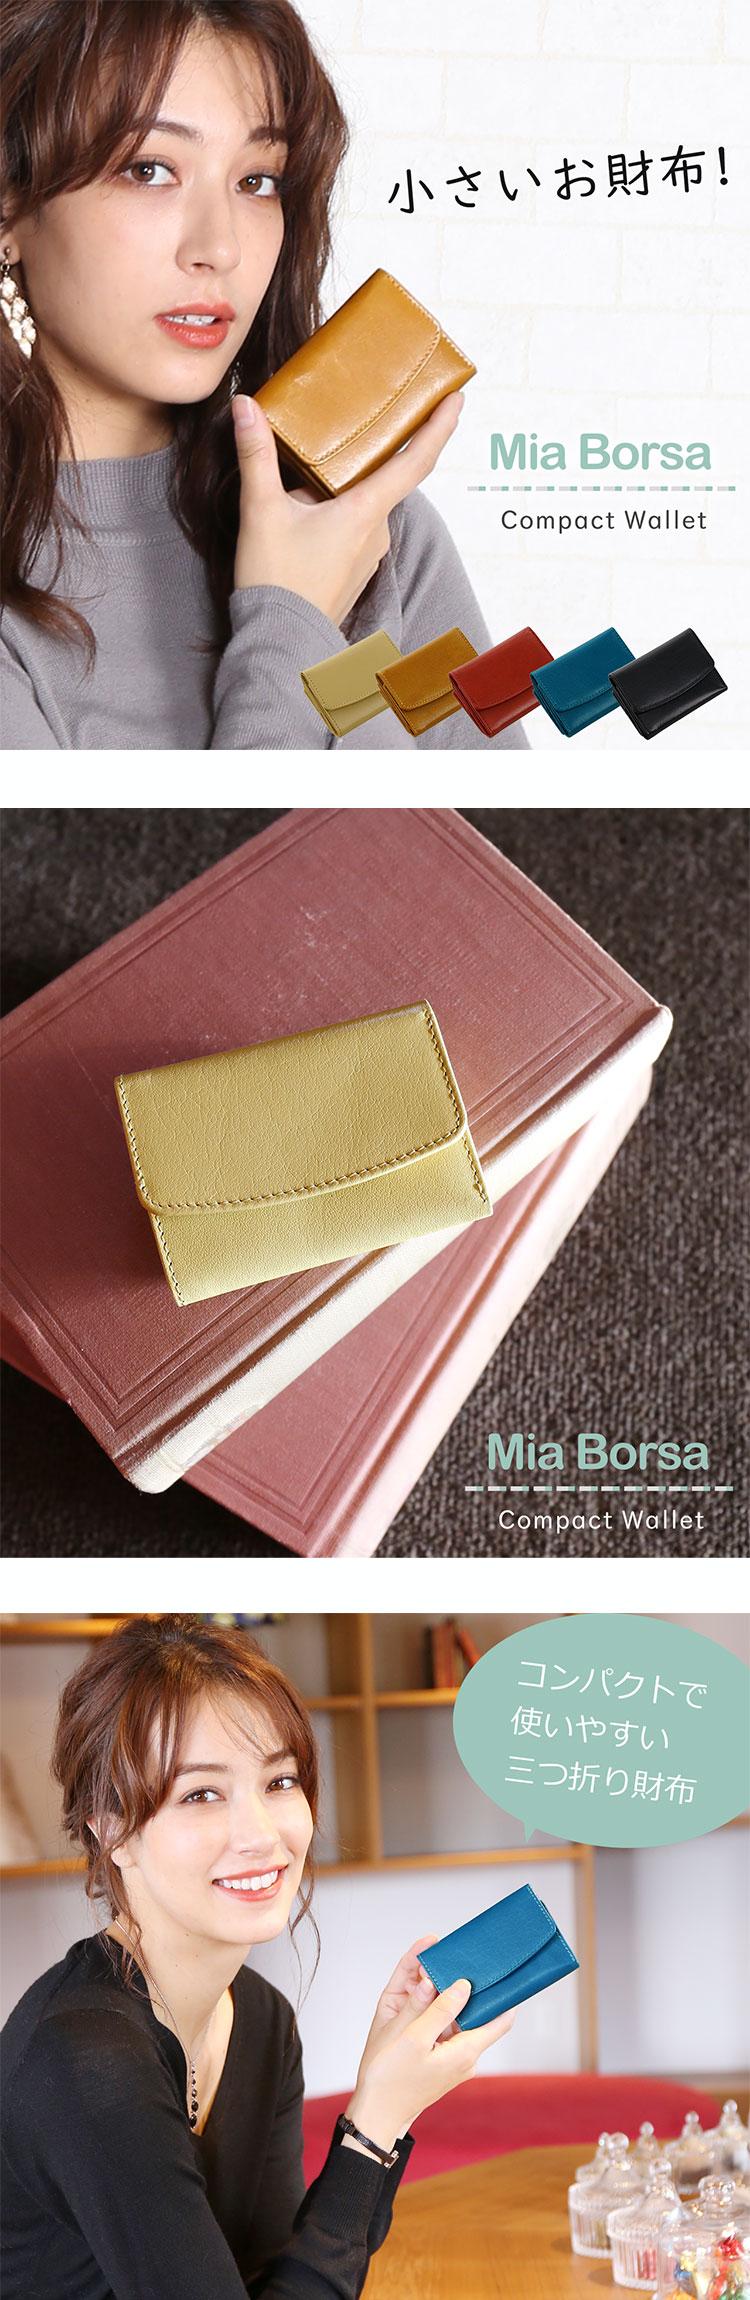 小さい 財布 コンパクト財布 レディース 牛革 キャメル ブランド Mia Borsa